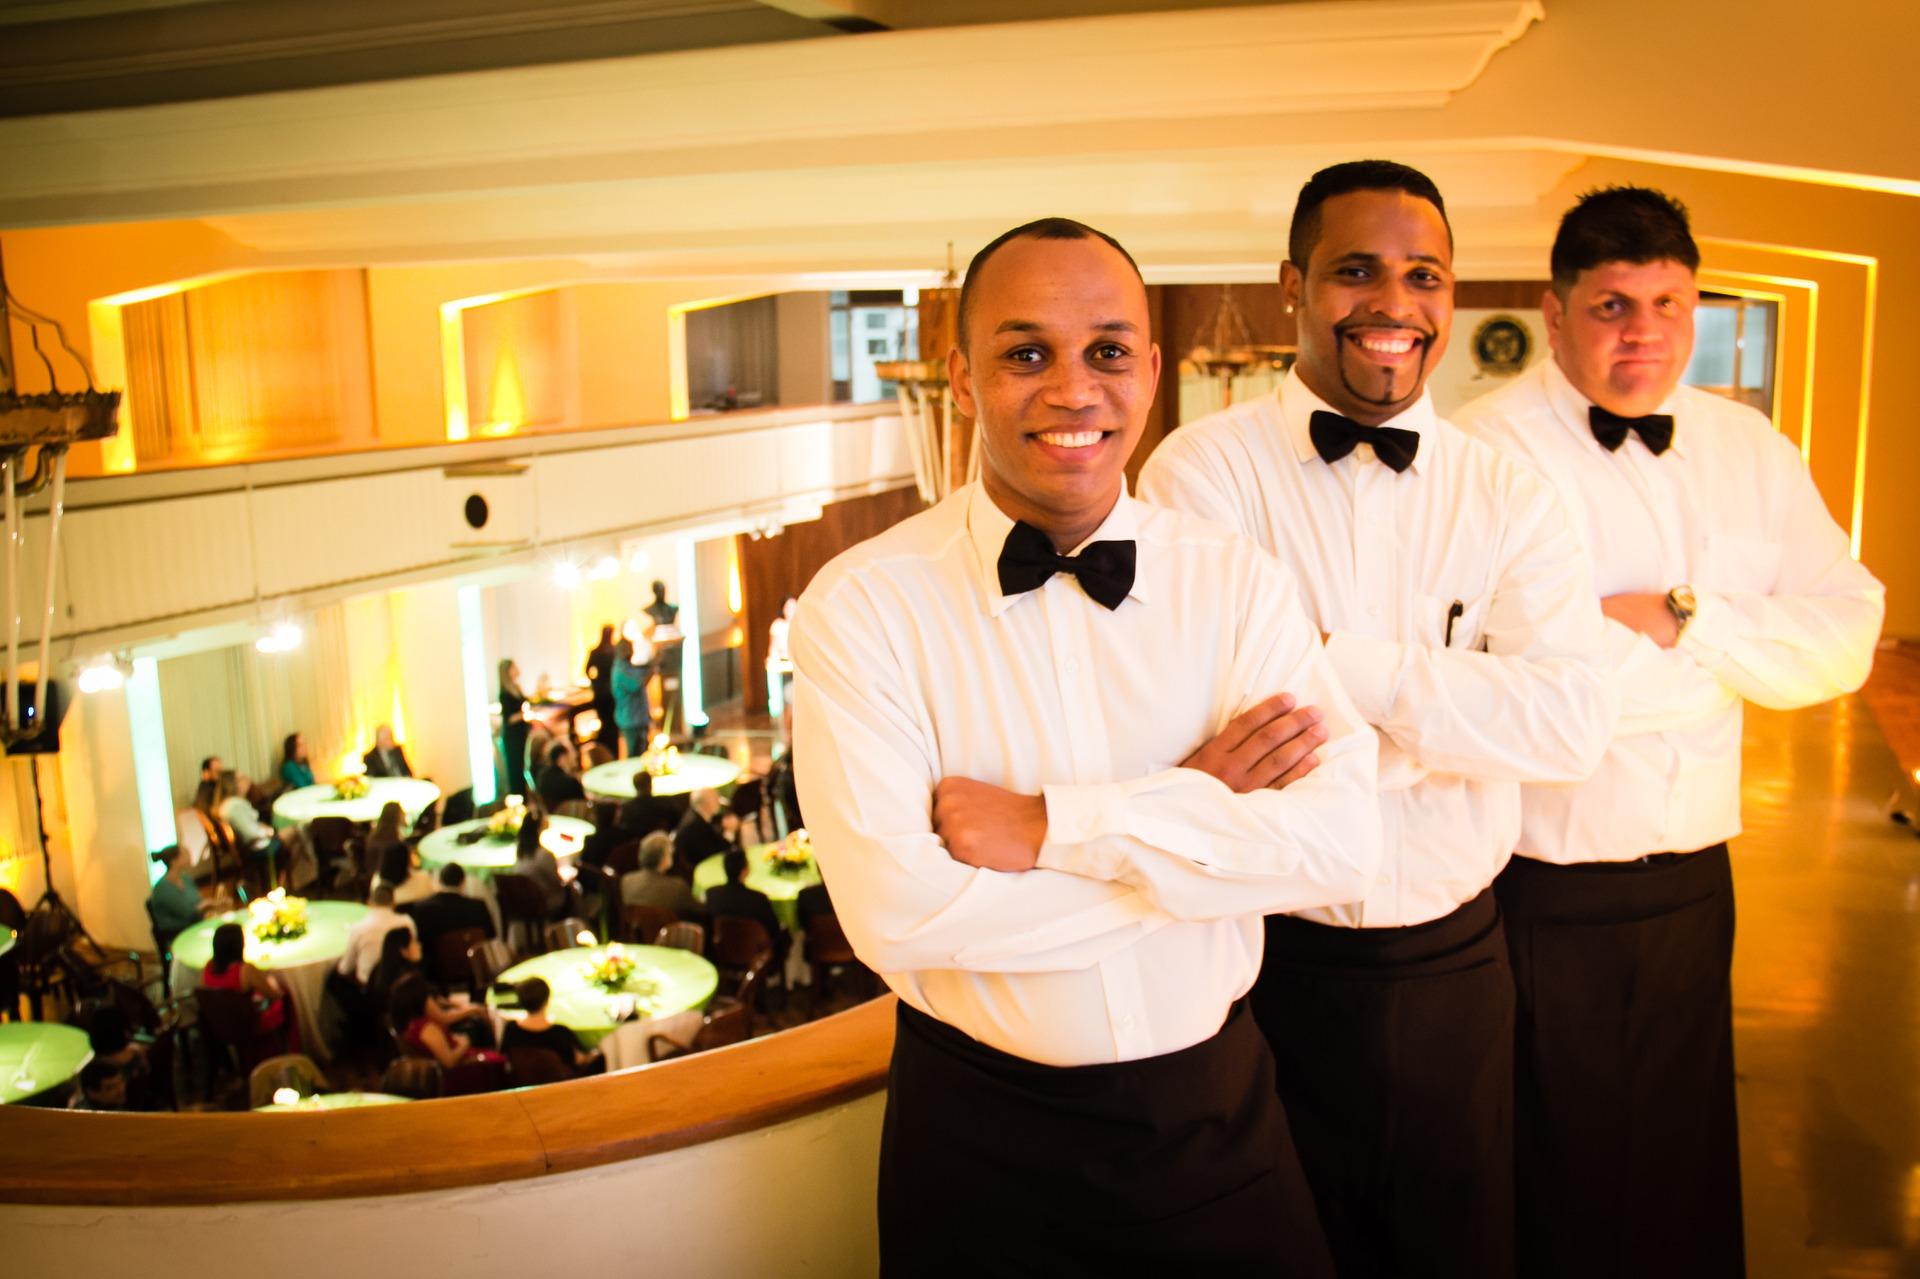 Service definiert Gastronomie-Erfolg